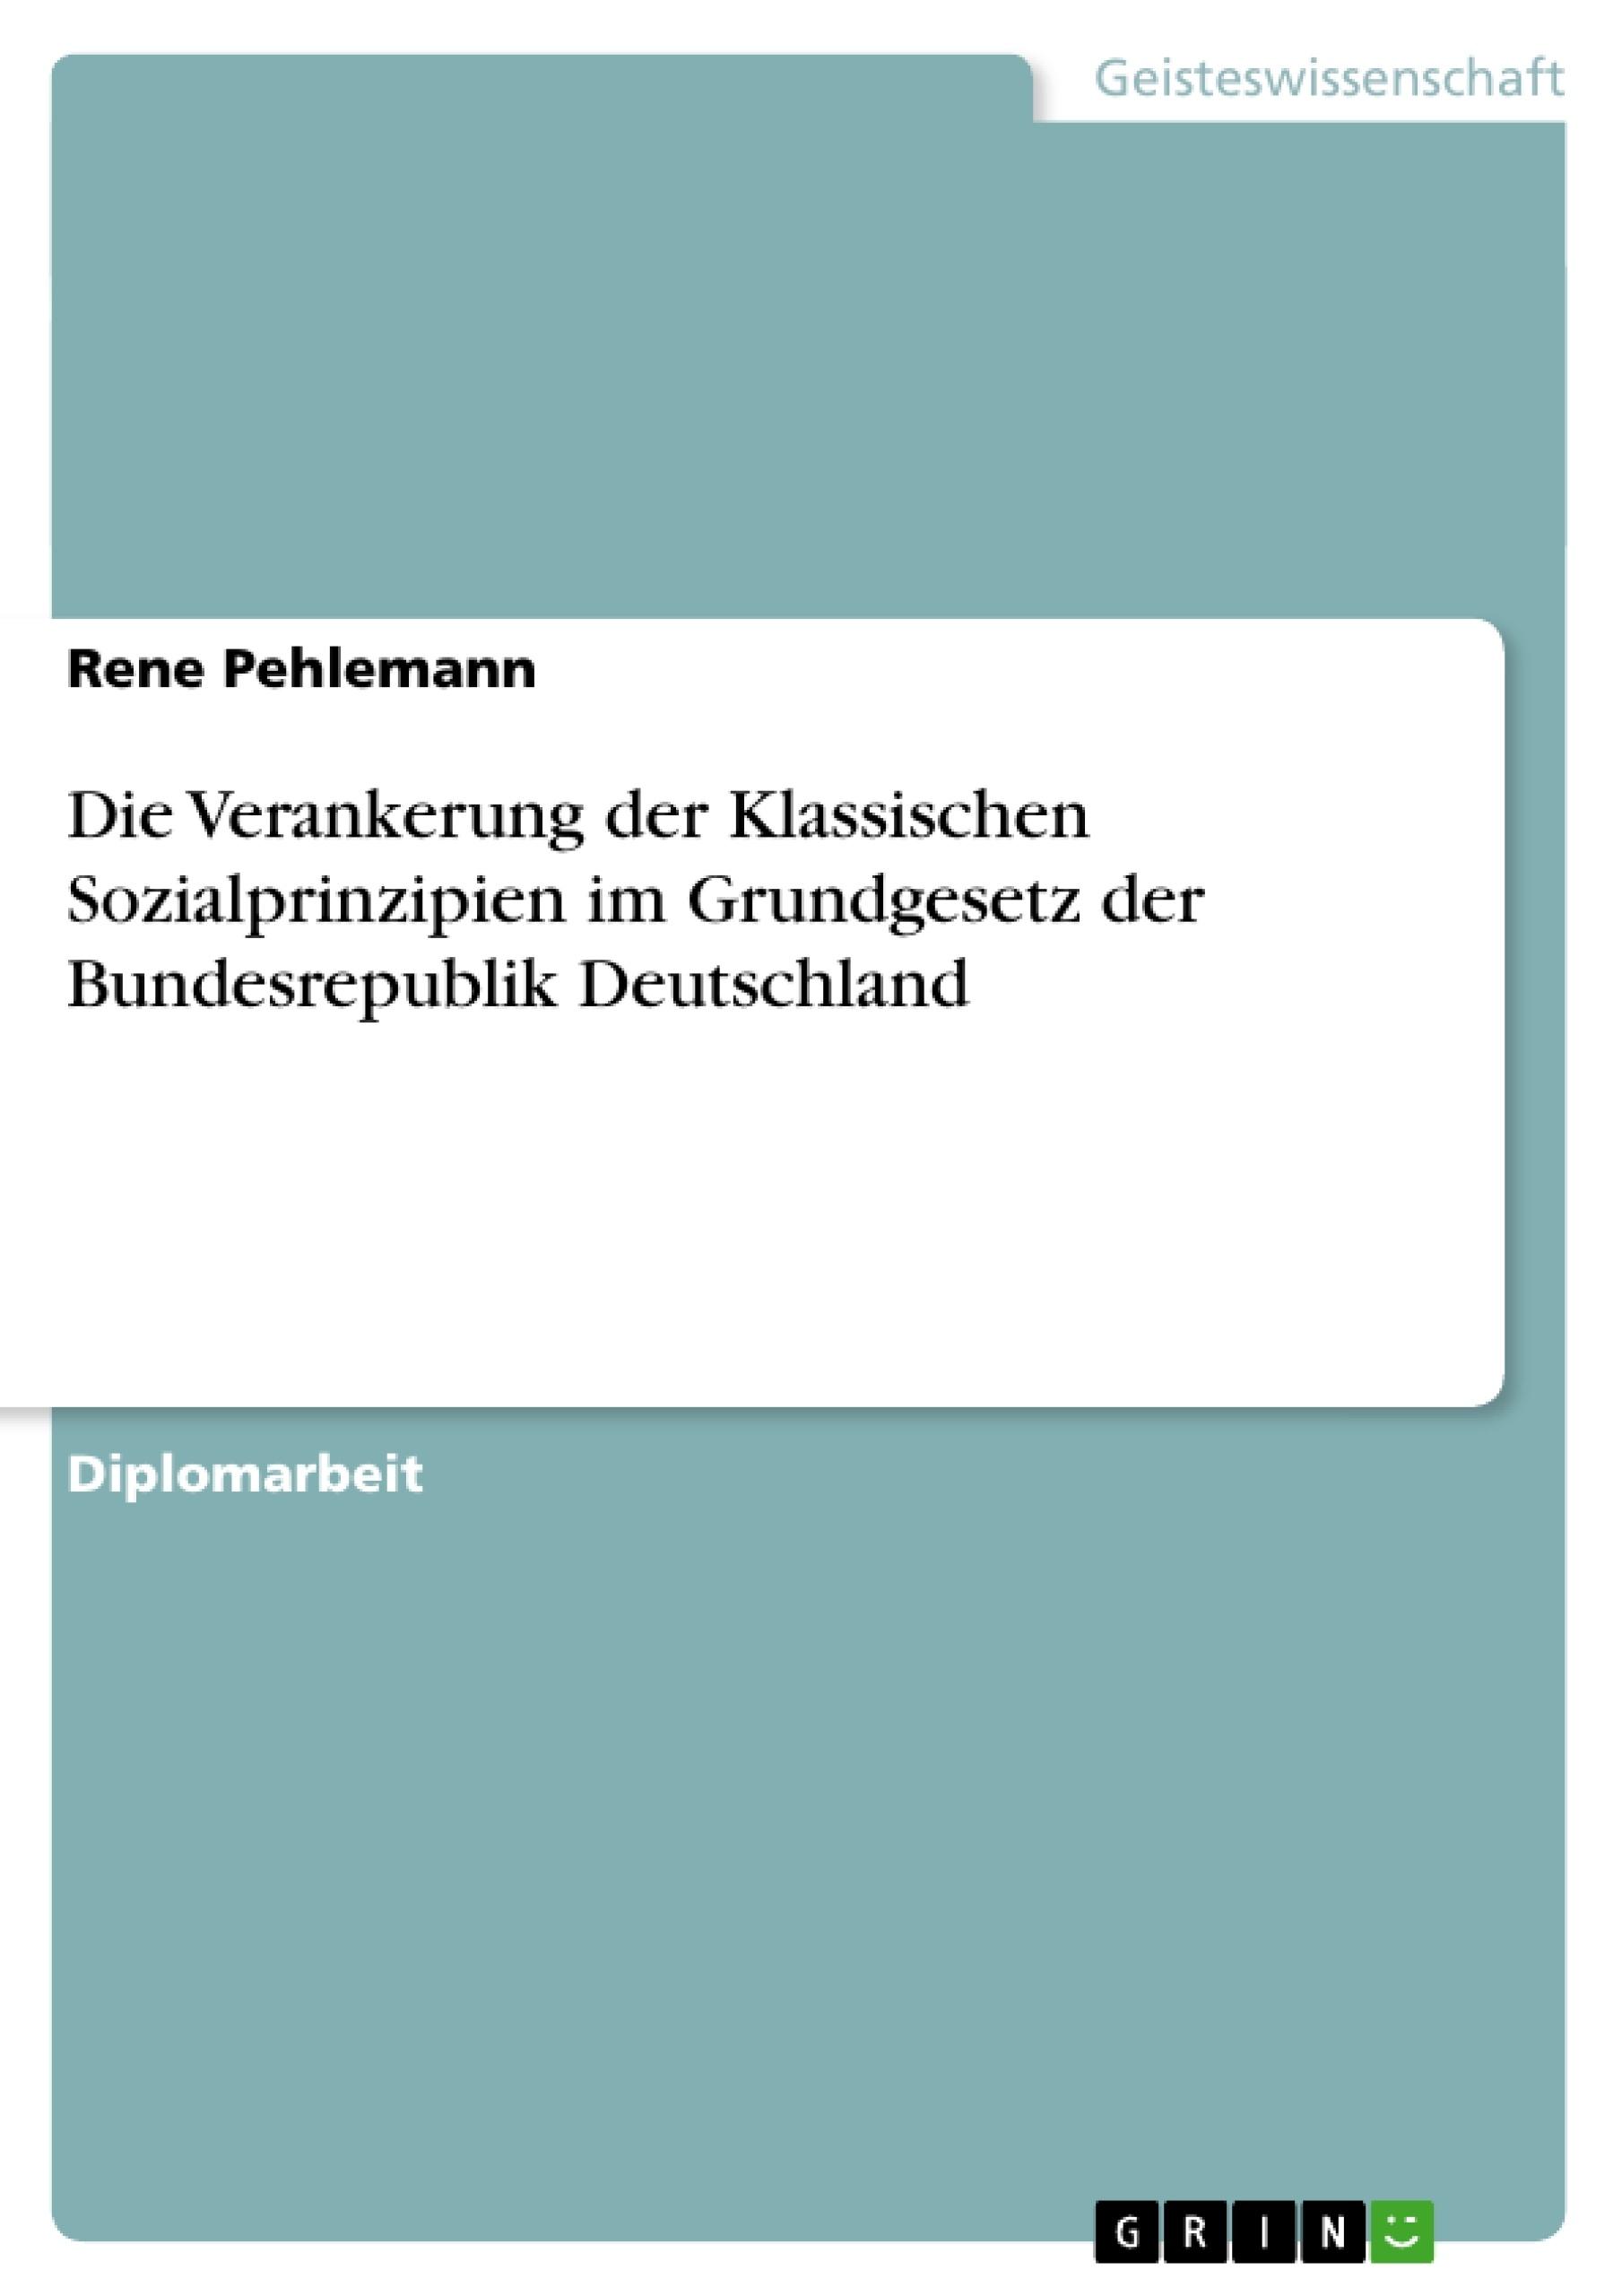 Titel: Die Verankerung der Klassischen Sozialprinzipien im Grundgesetz der Bundesrepublik Deutschland